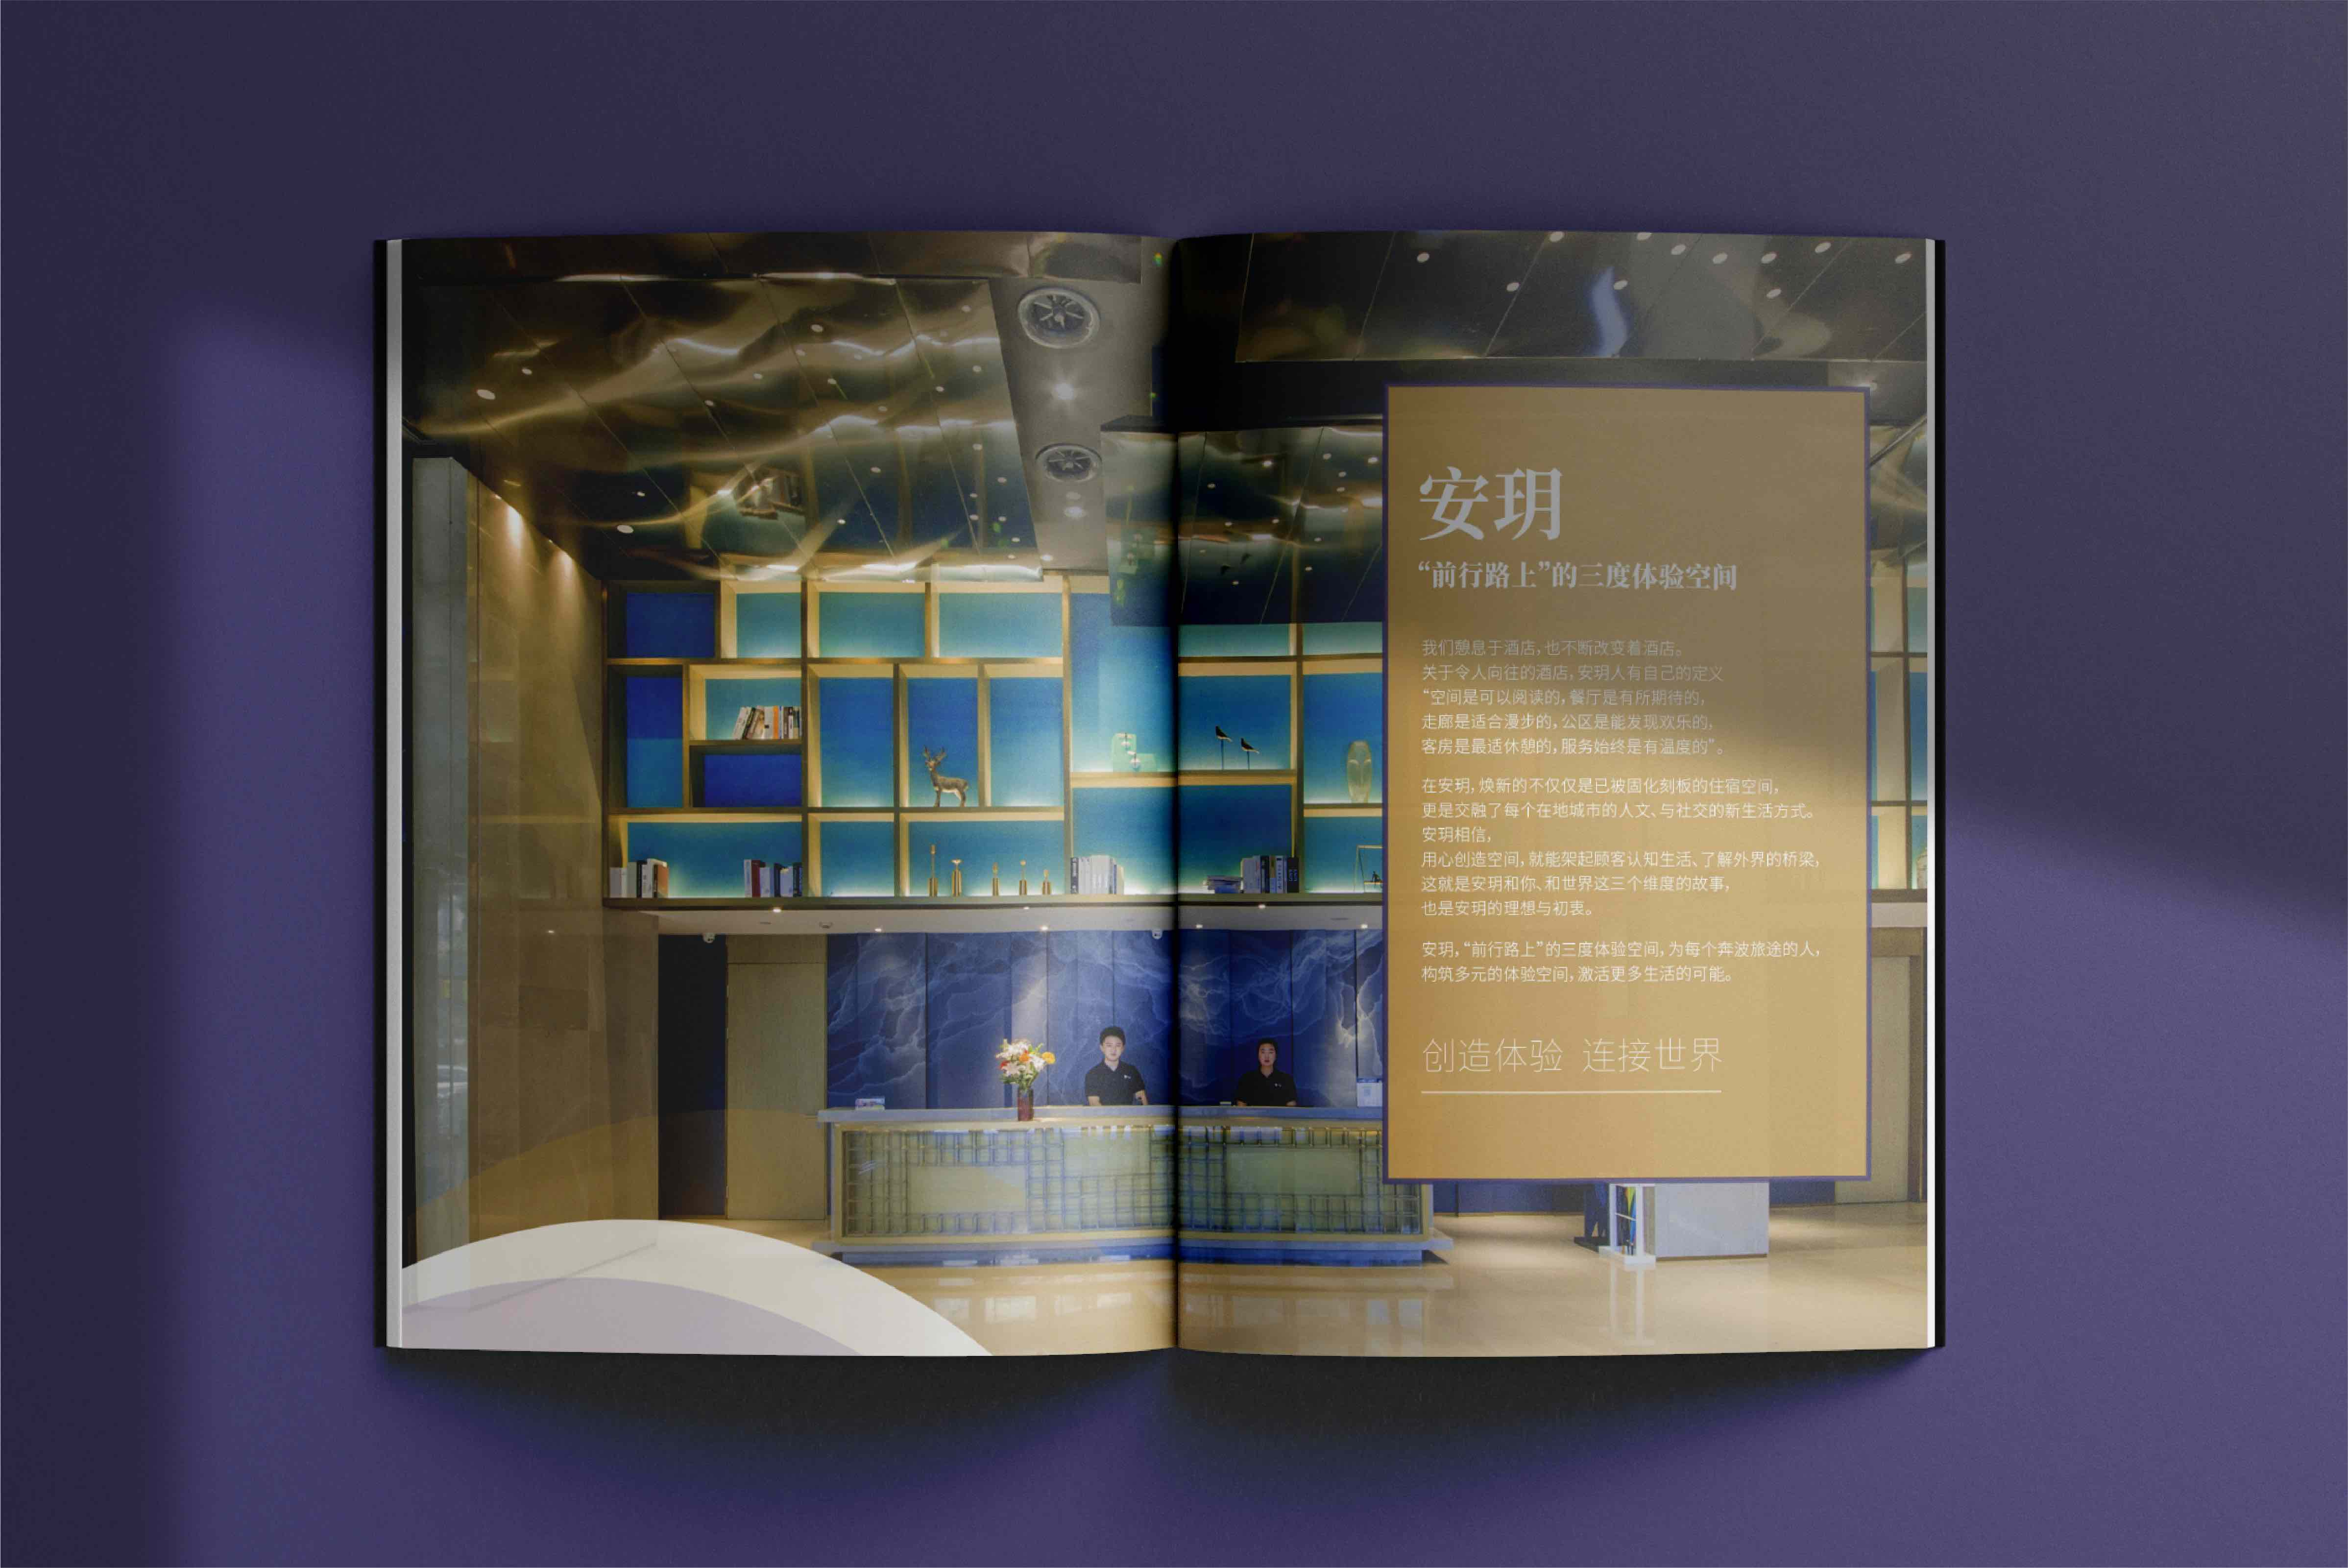 安玥酒店画册设计-品牌宣传画册-杭州品牌策划设计-1